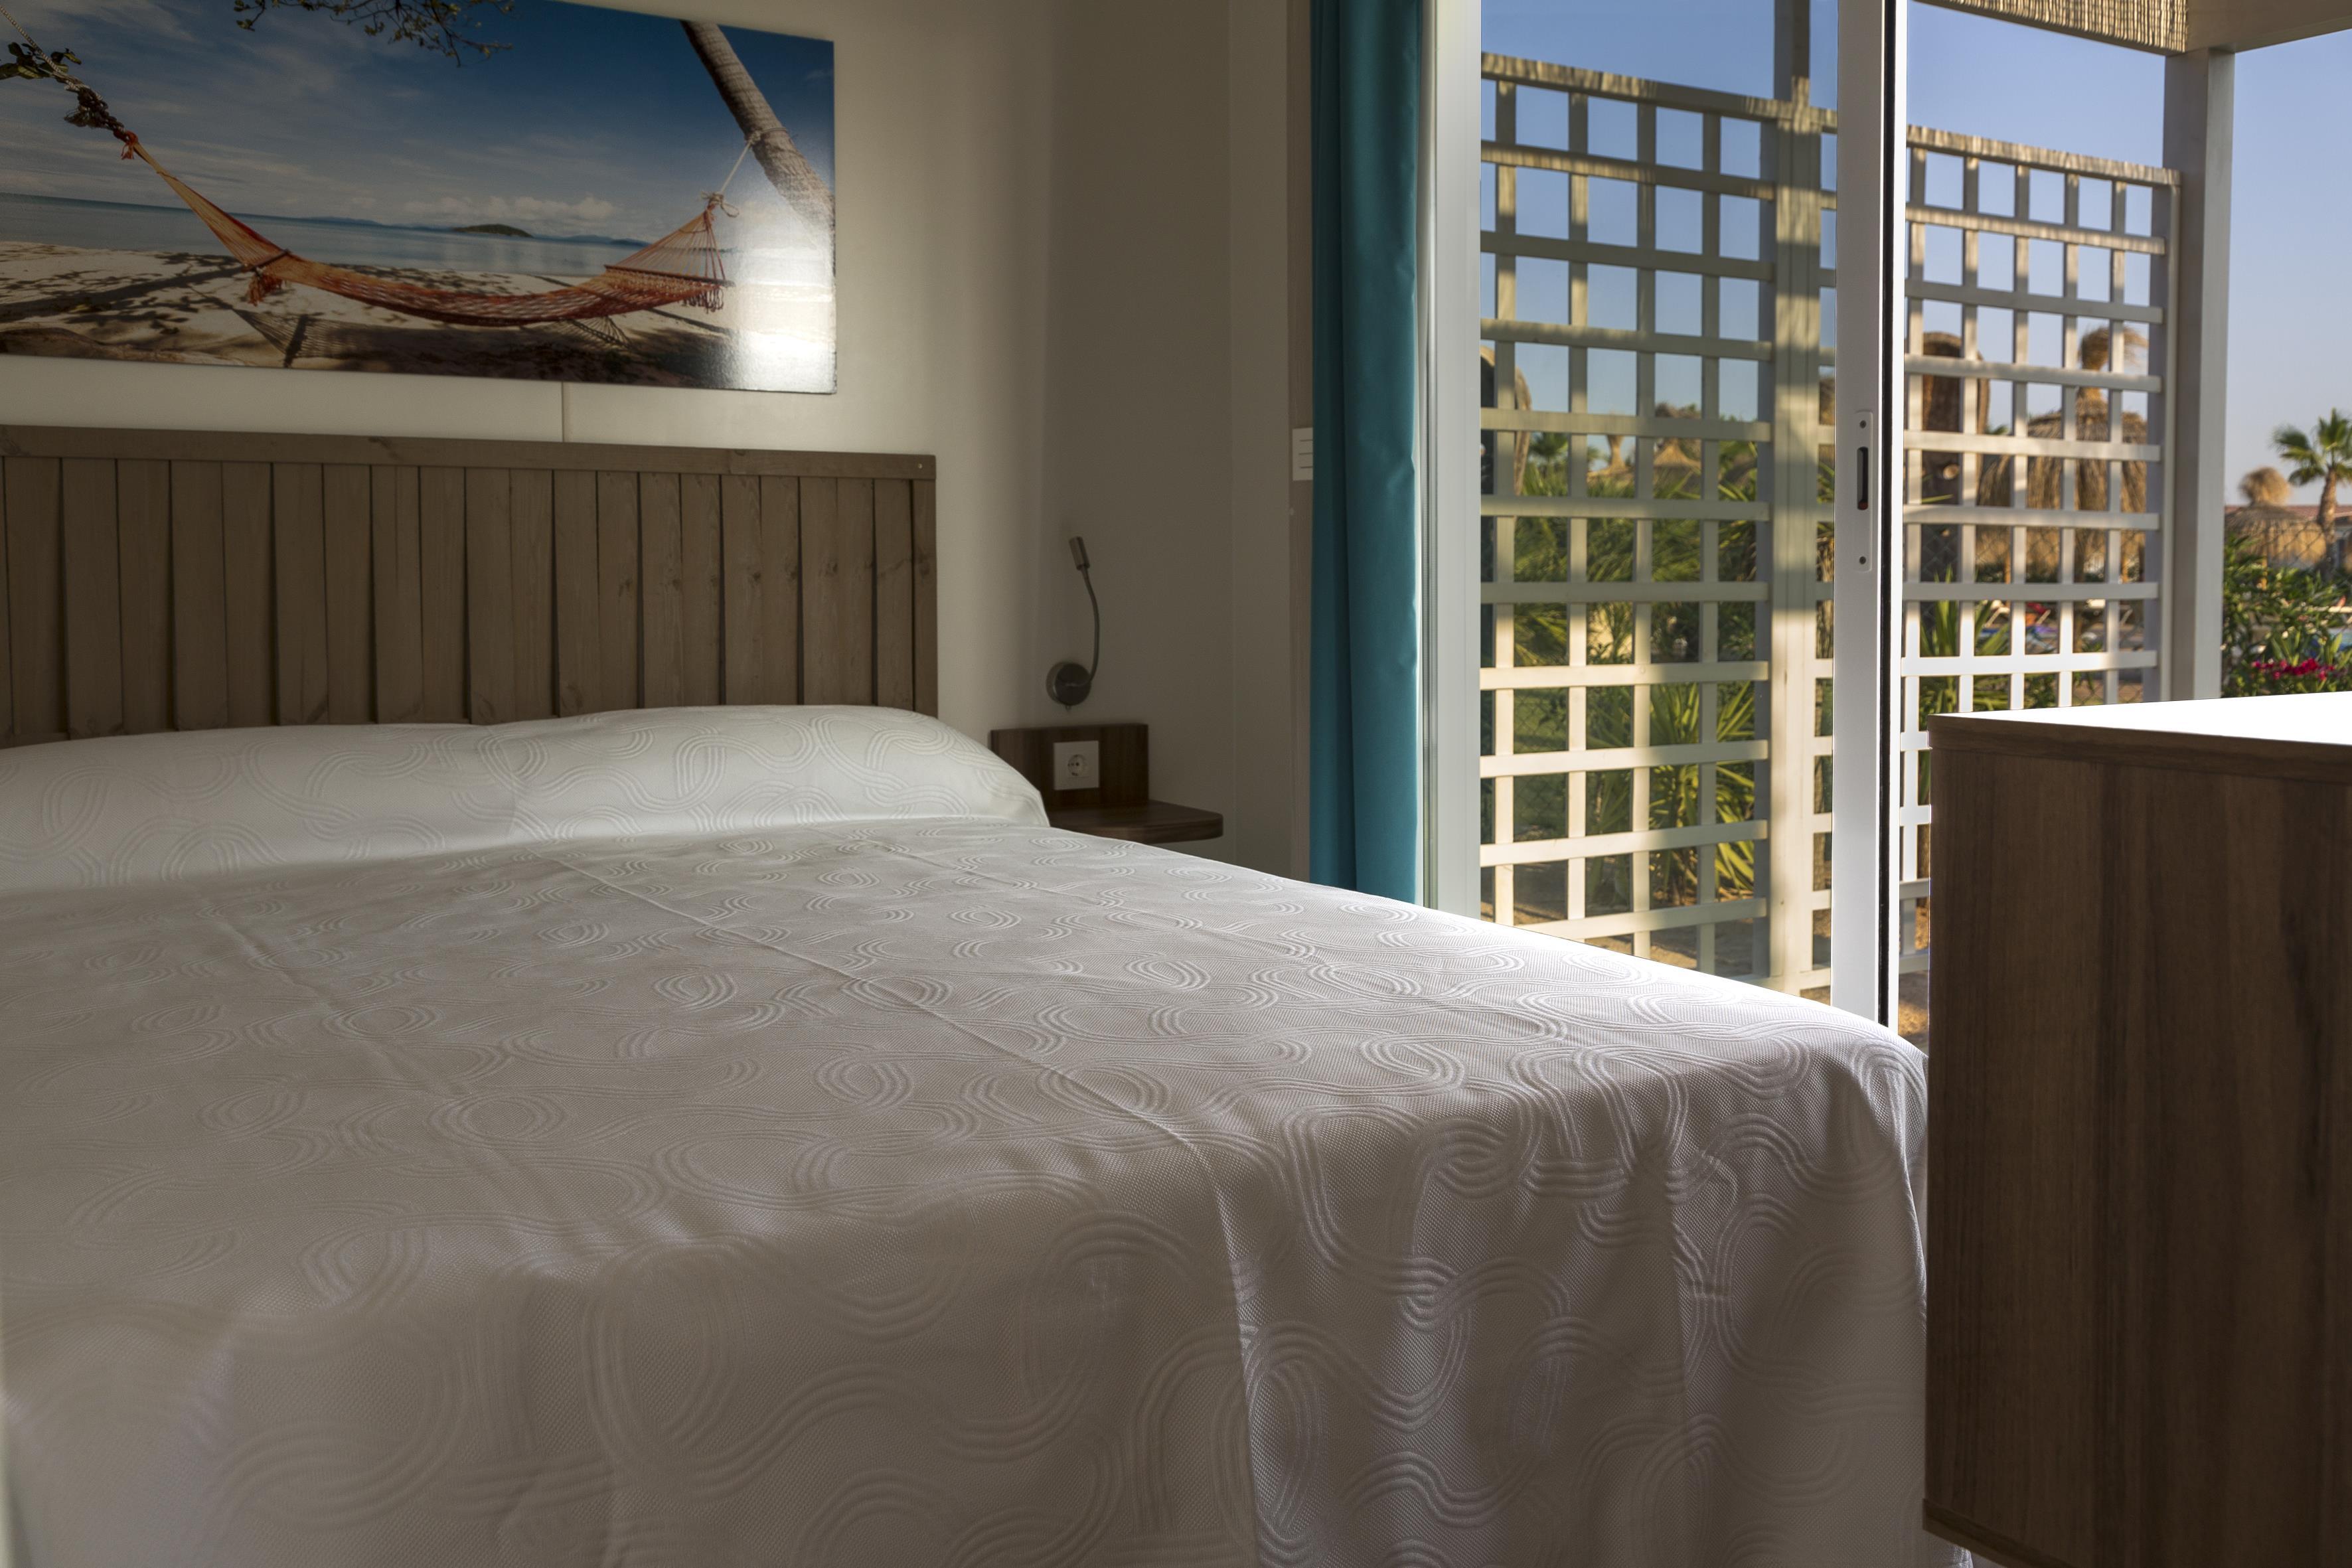 Location - Bungalow Premium Cocoa - Alannia resorts Costa Blanca